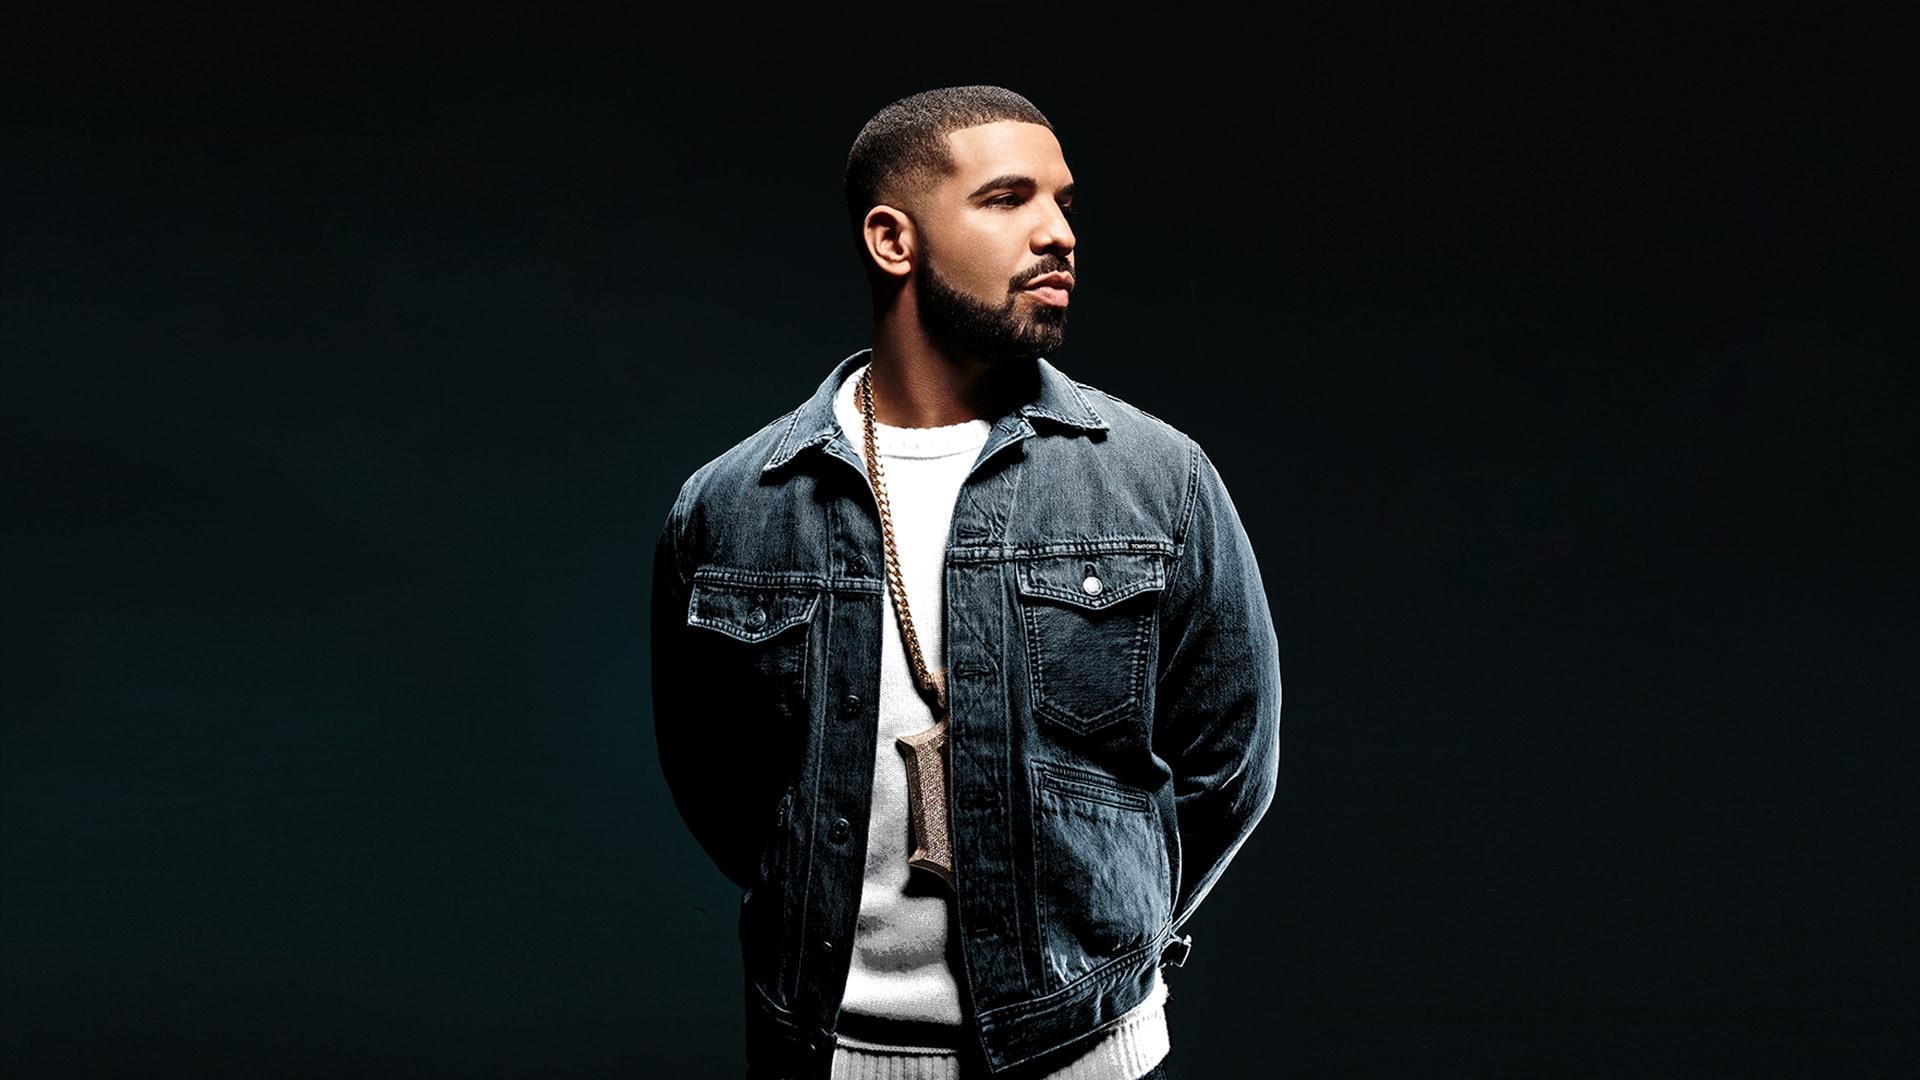 Drake: May 14, 2016